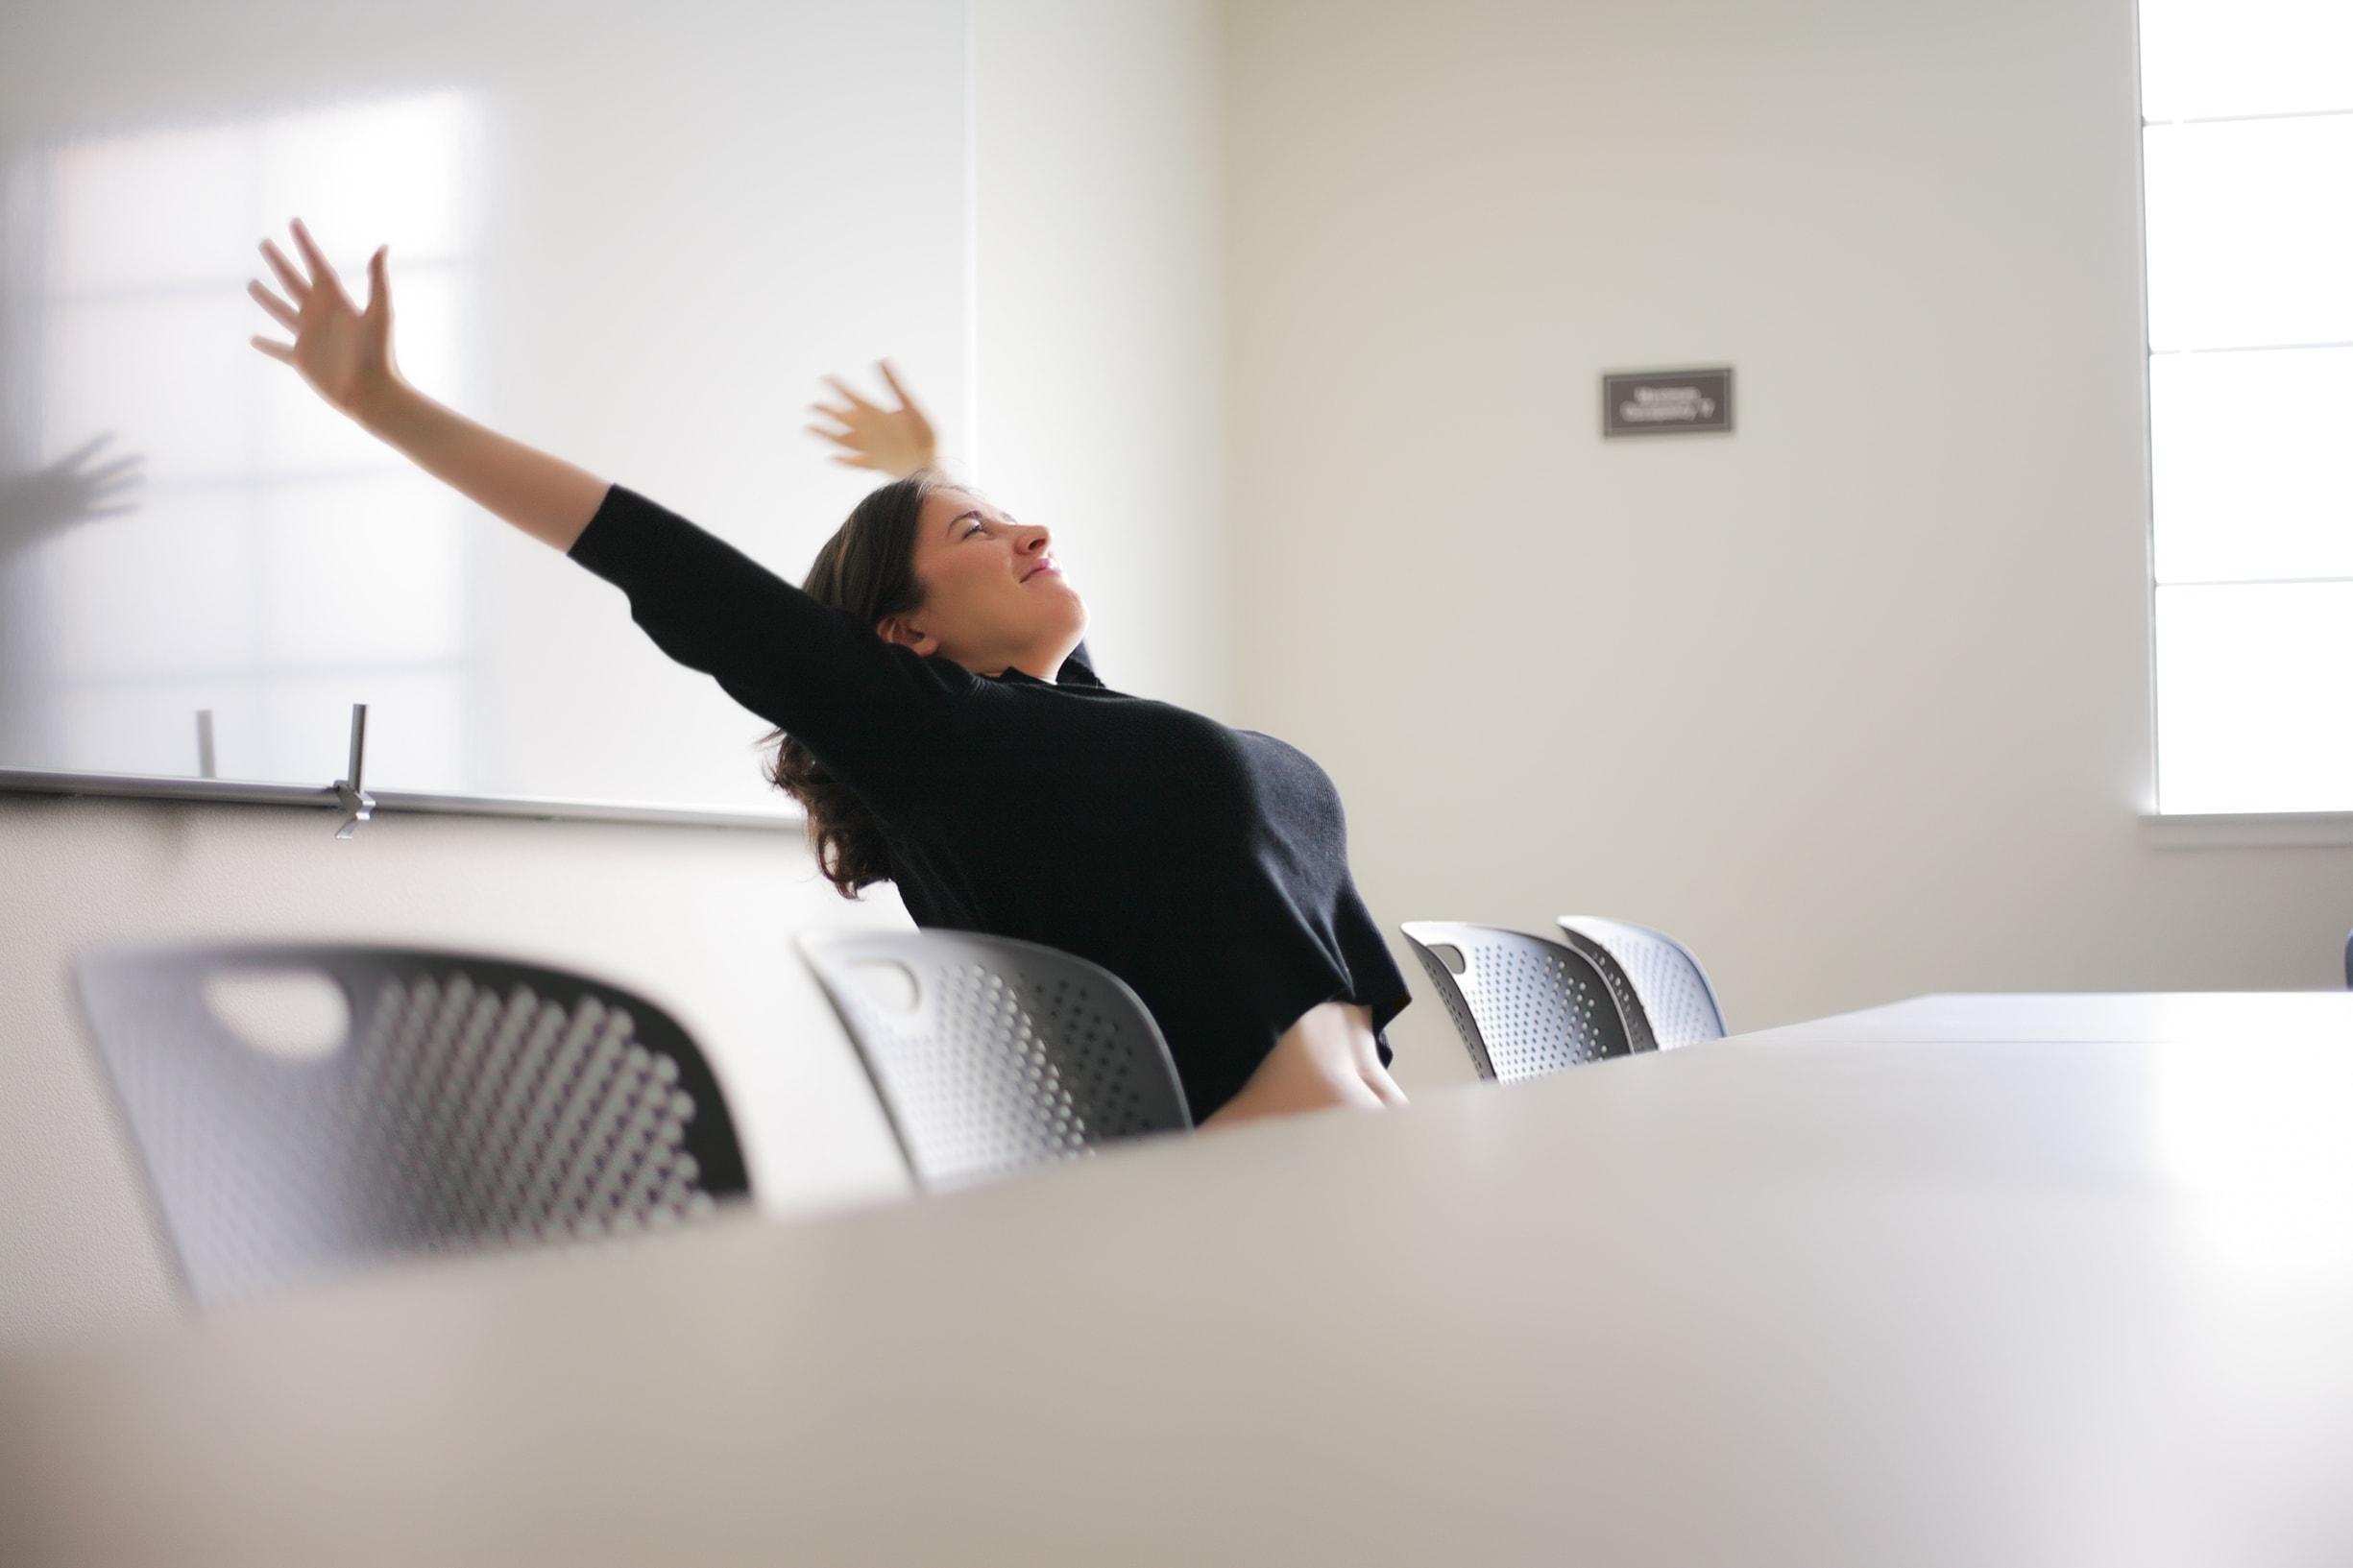 Тайная зарядка в офисе: как и сколько?